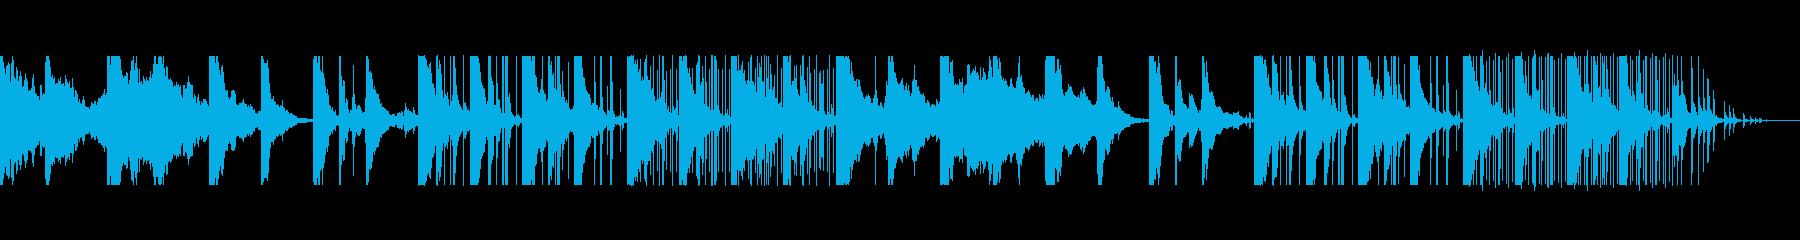 ローファイヒップホップ Lo-fi の再生済みの波形